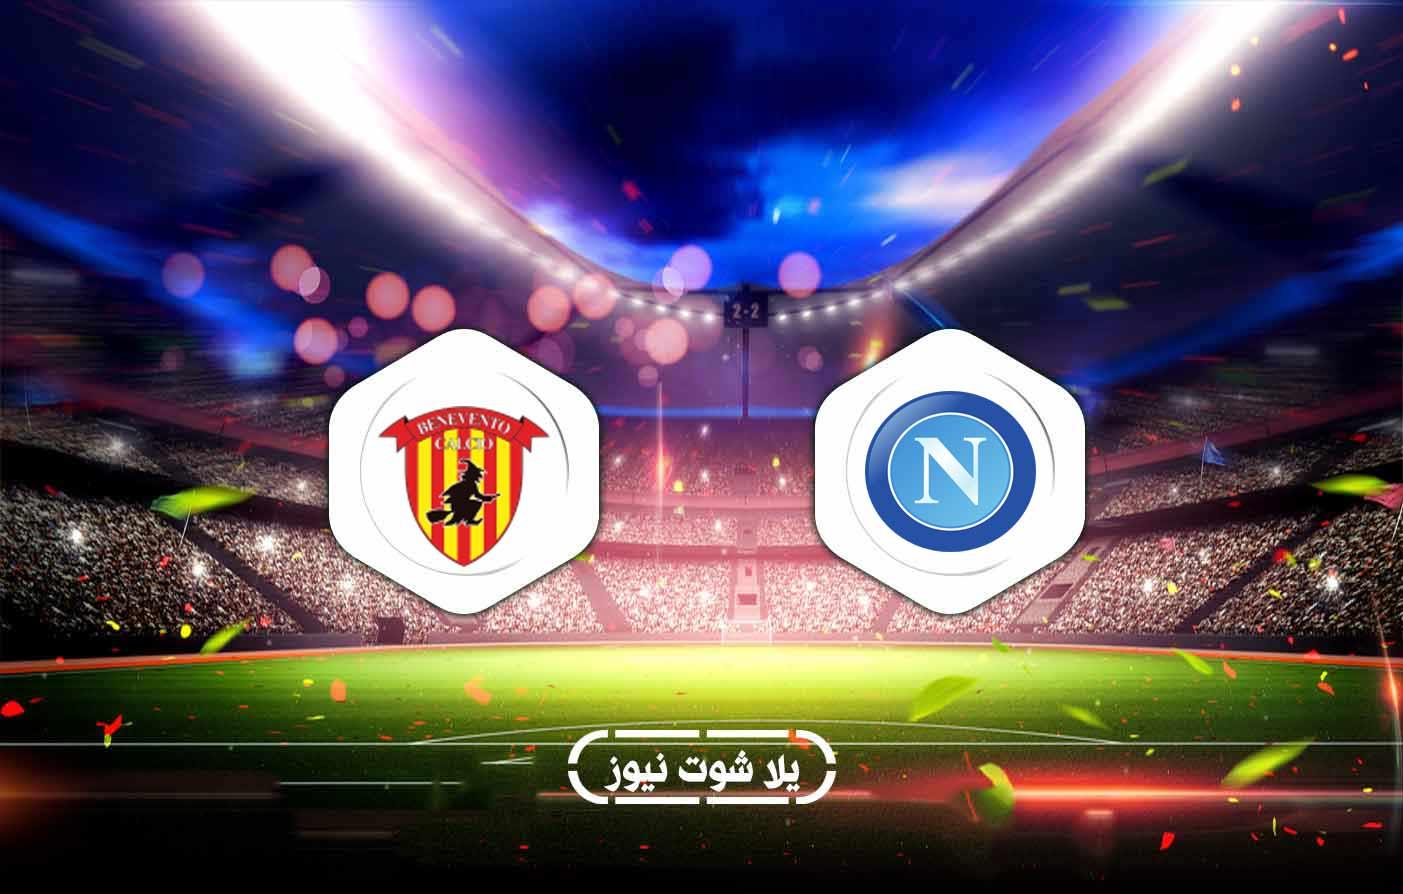 أهداف مباراة بينفينتو ونابولي 1-2 بتاريخ 2020-10-25 الدوري الايطالي